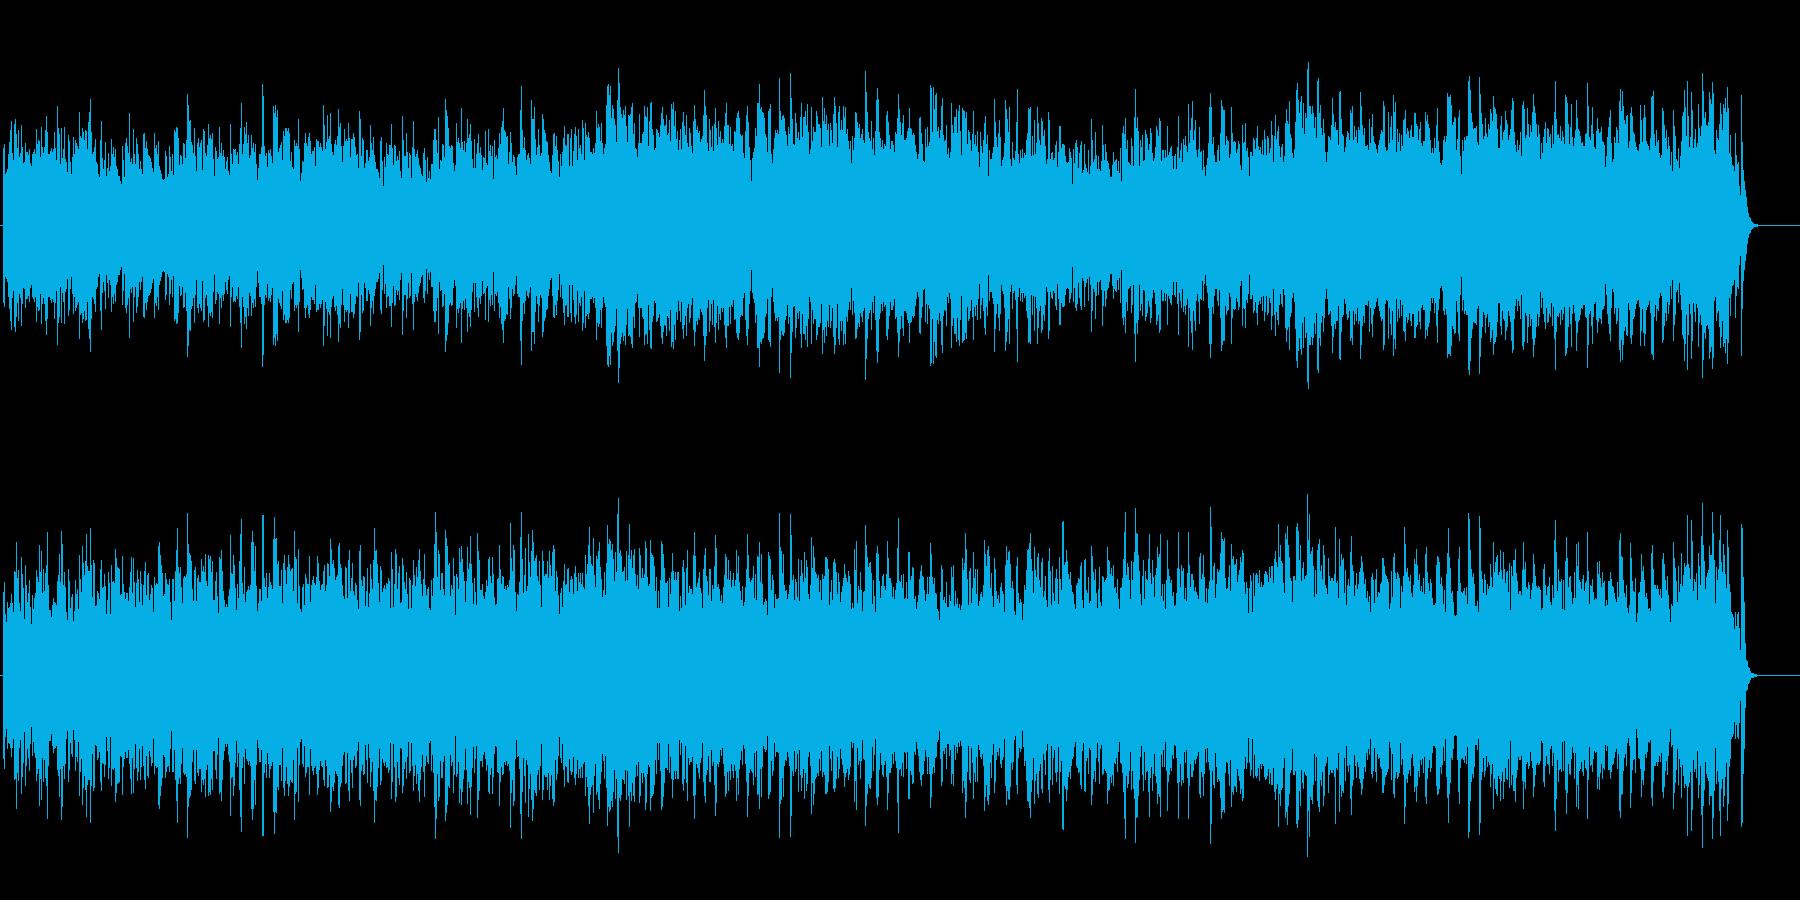 ワルツなセミクラ風ポップ(フルサイズ)の再生済みの波形